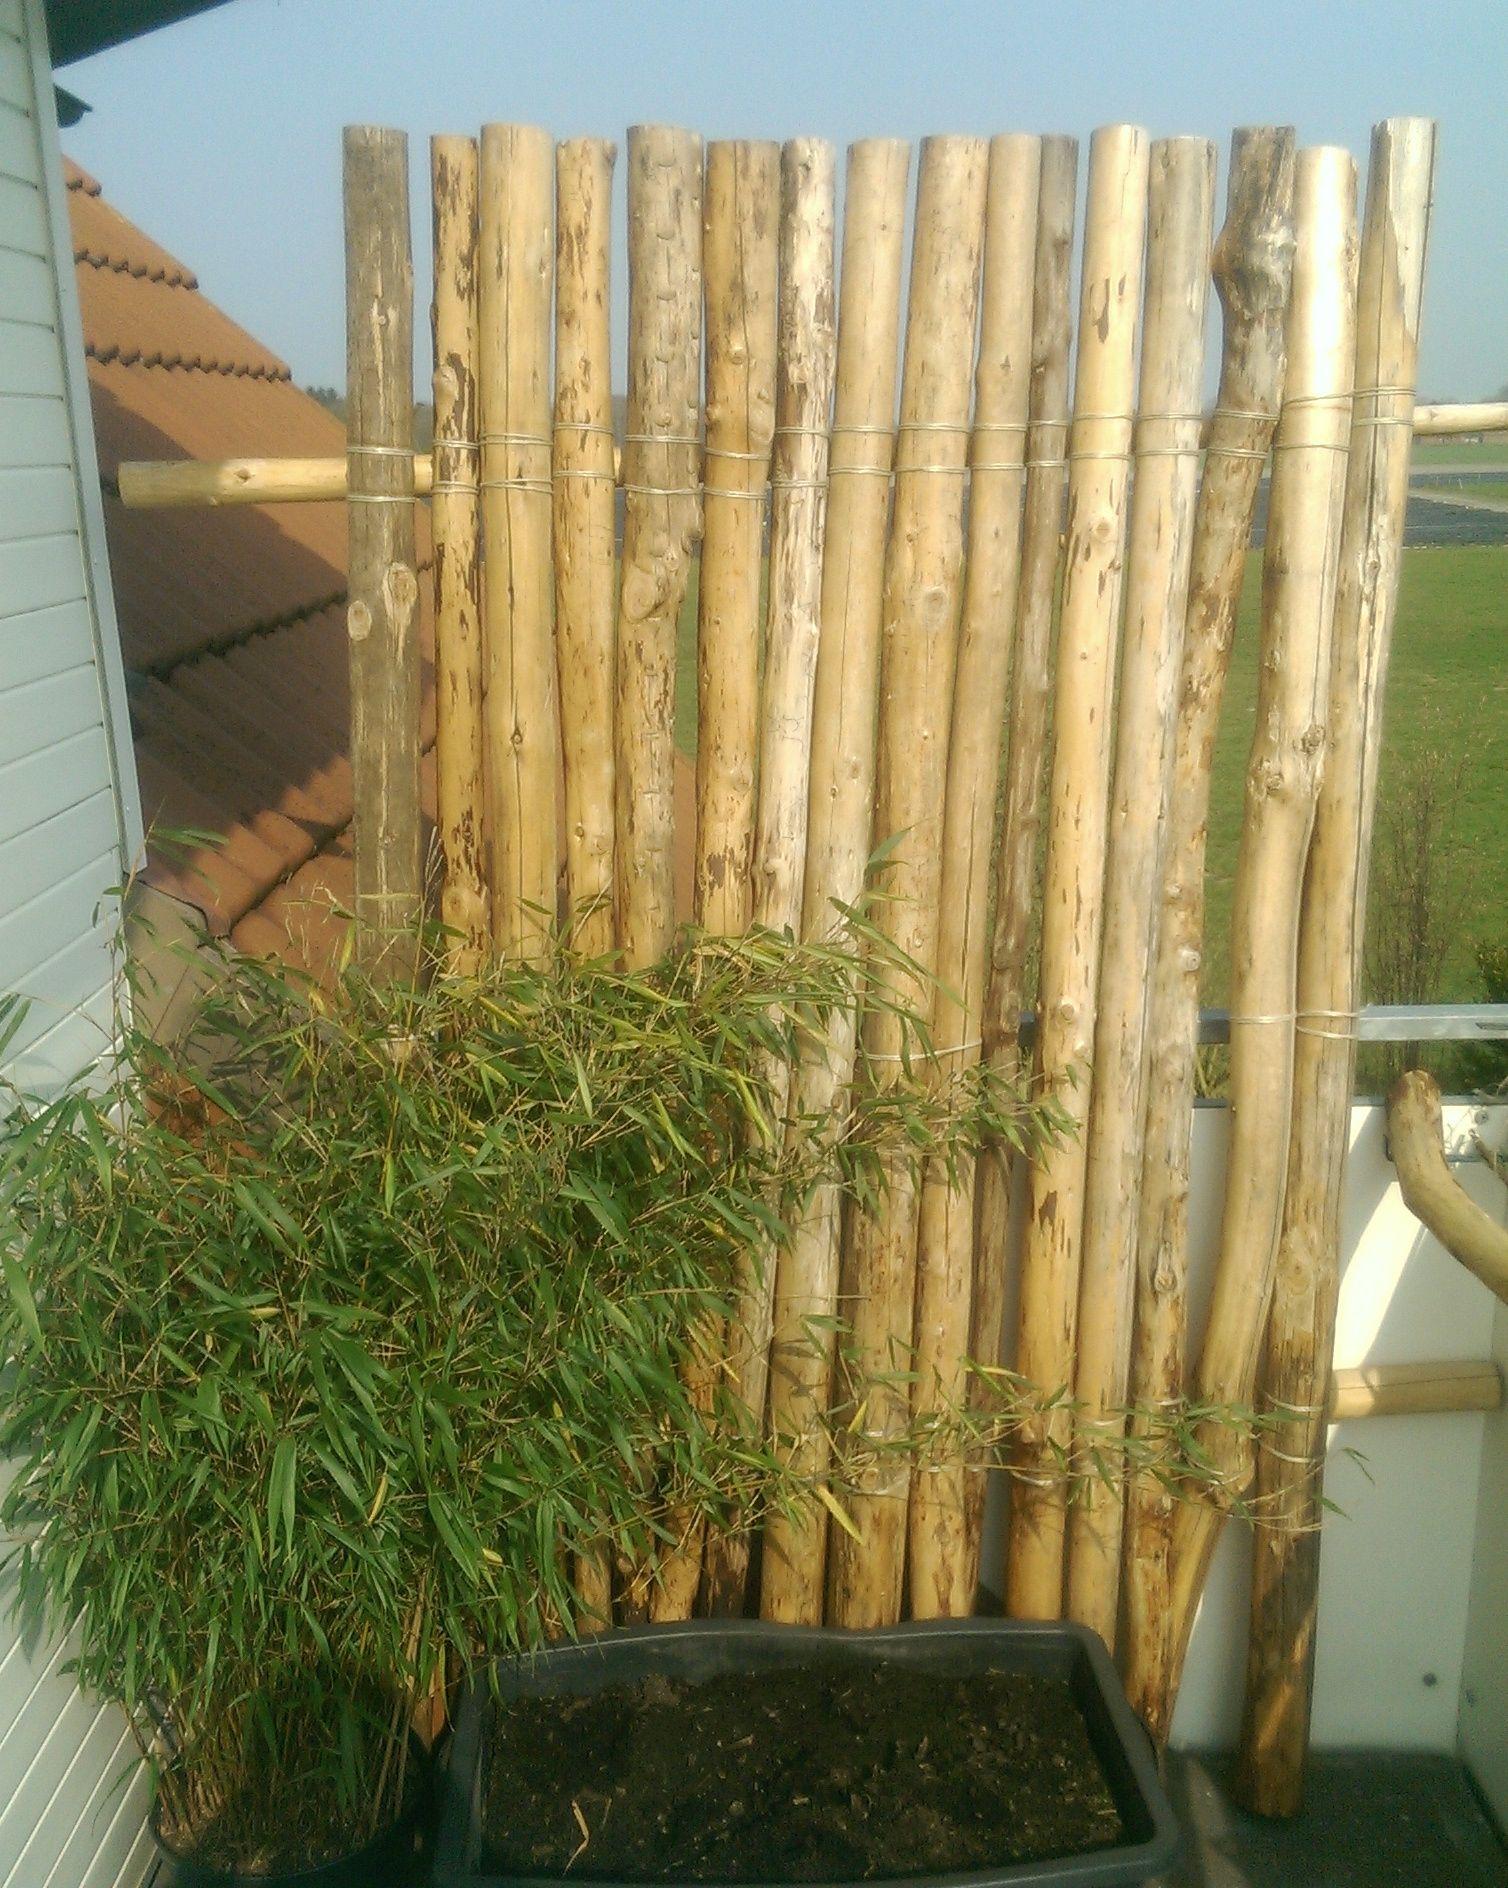 Full Size of Paravent Bambus Balkon Obi Selbstgemacht Kreativer Windschutz Garten Bett Wohnzimmer Paravent Bambus Balkon